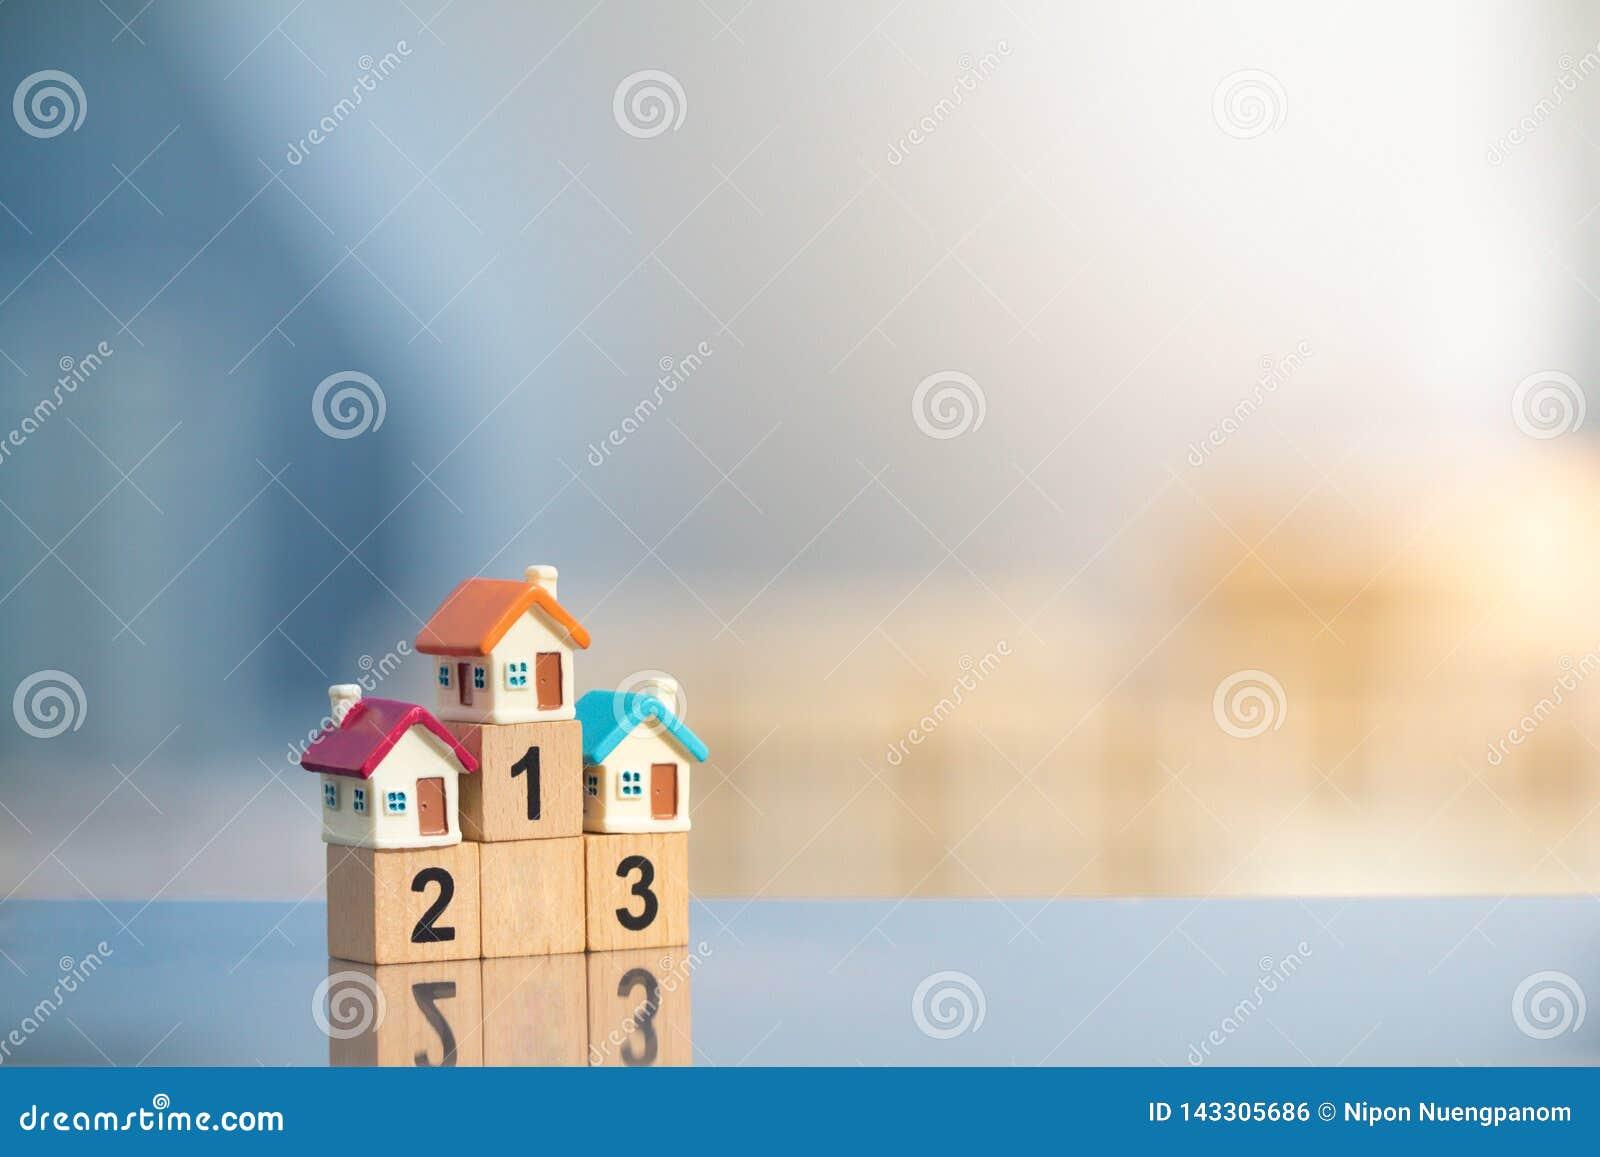 Drei Miniaturhäuser auf erstem Platz des Siegerpodiums auf modernem Stadthintergrund